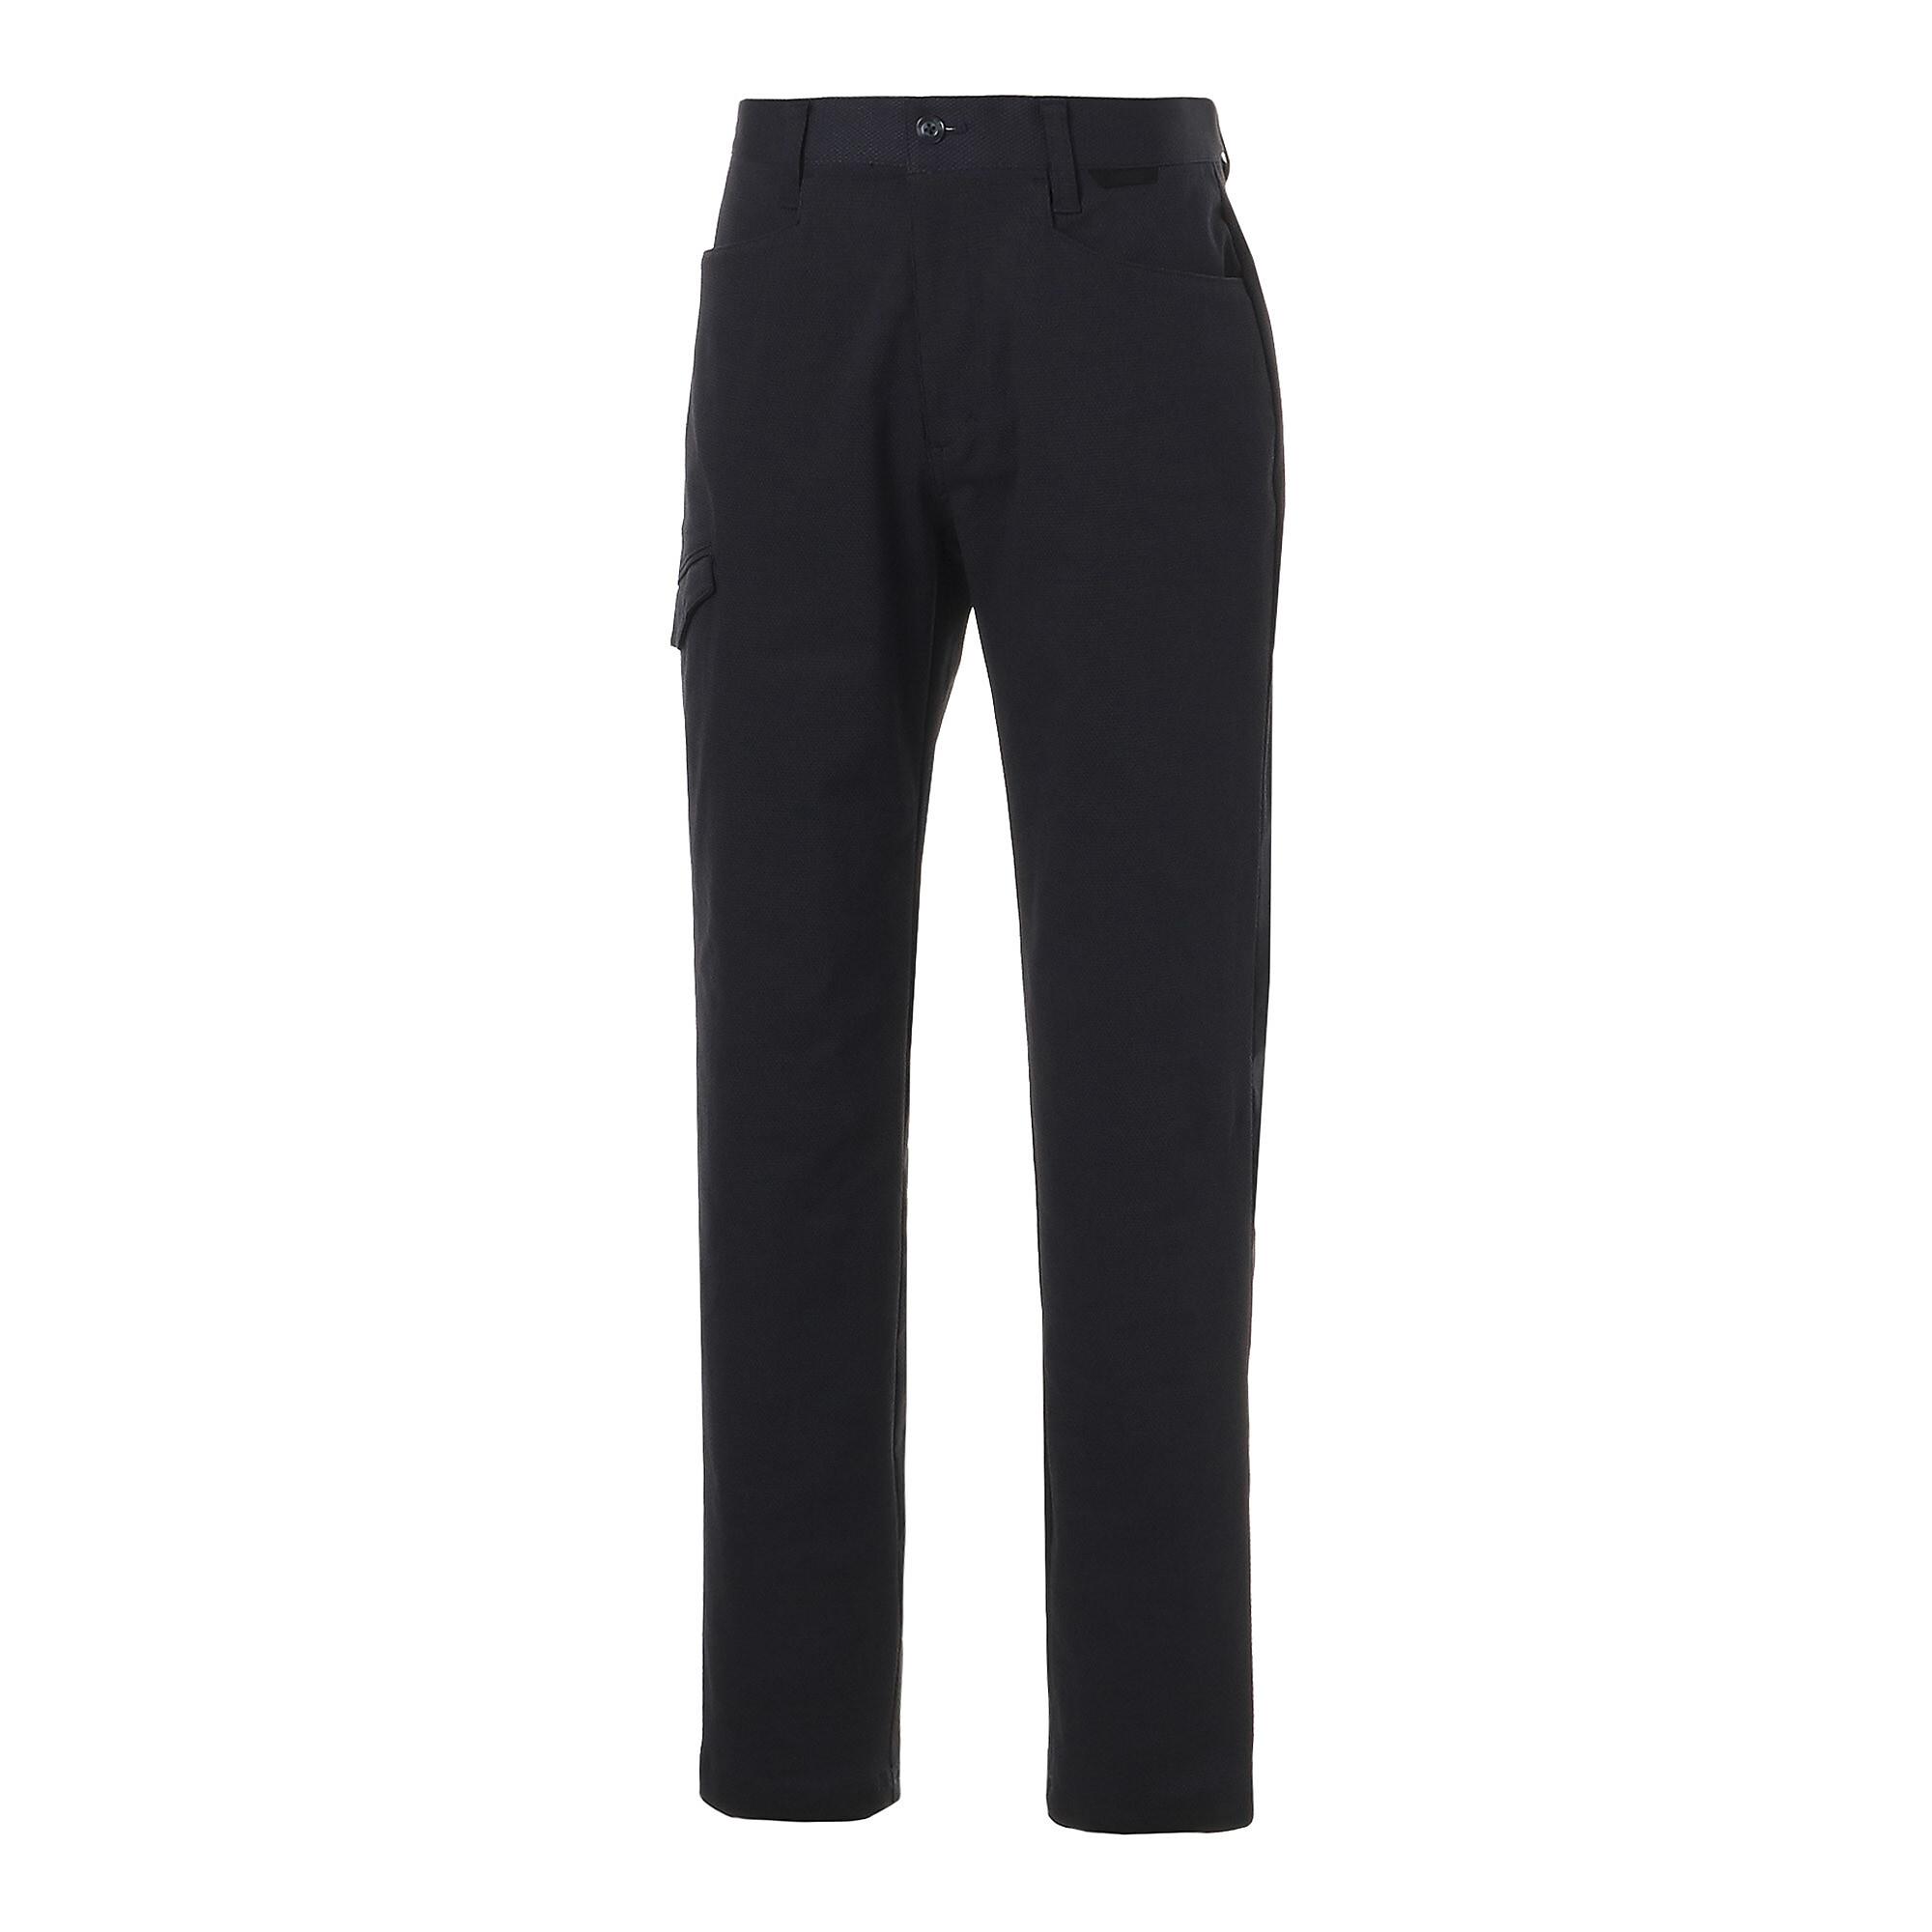 【プーマ公式通販】 プーマ ゴルフ スマート カーゴ パンツ メンズ Peacoat |PUMA.com